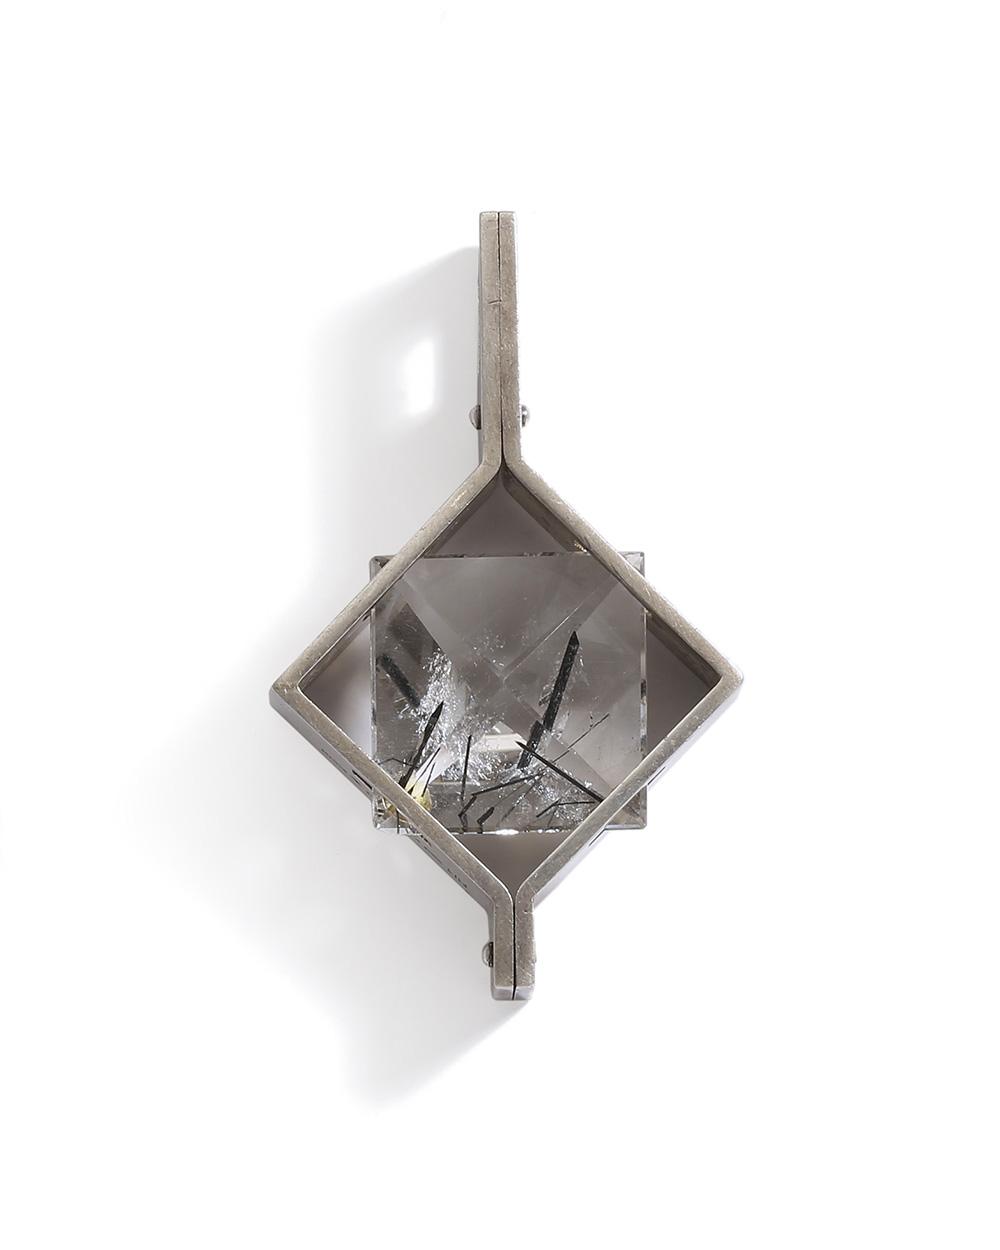 An Olavi L. Wehmersuo pendant